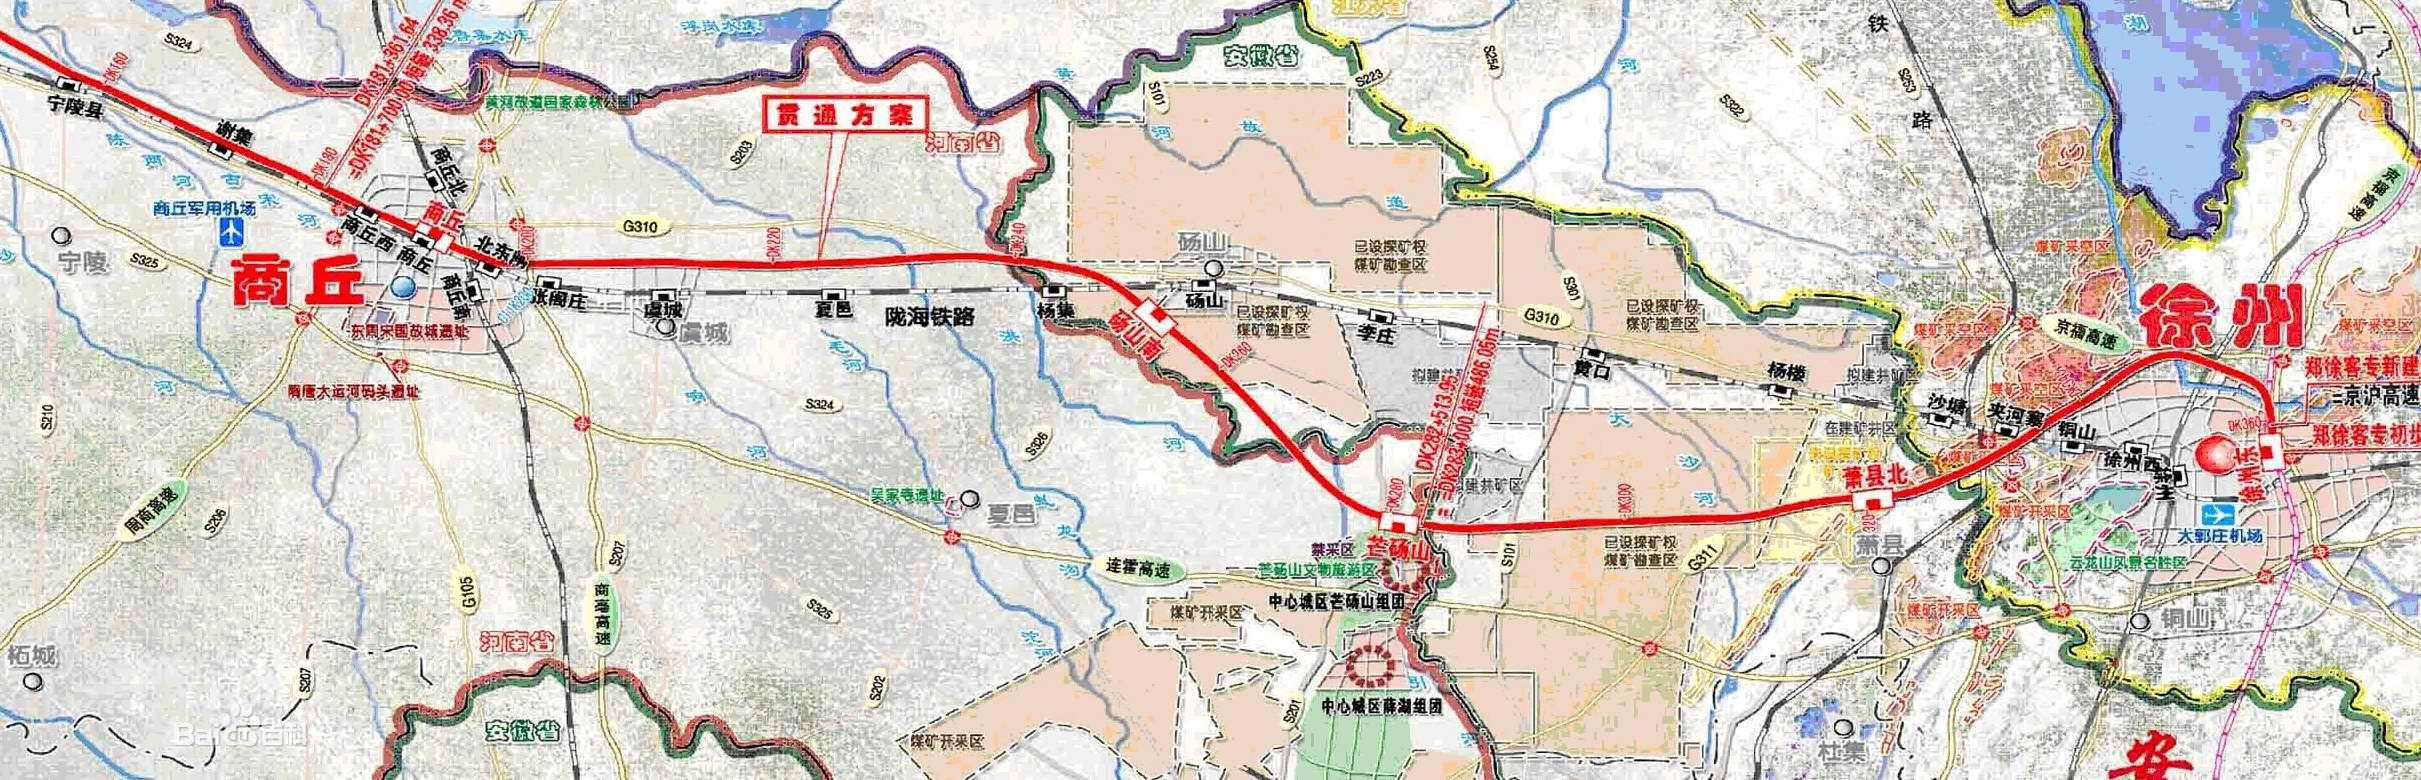 永城2019重大规划图